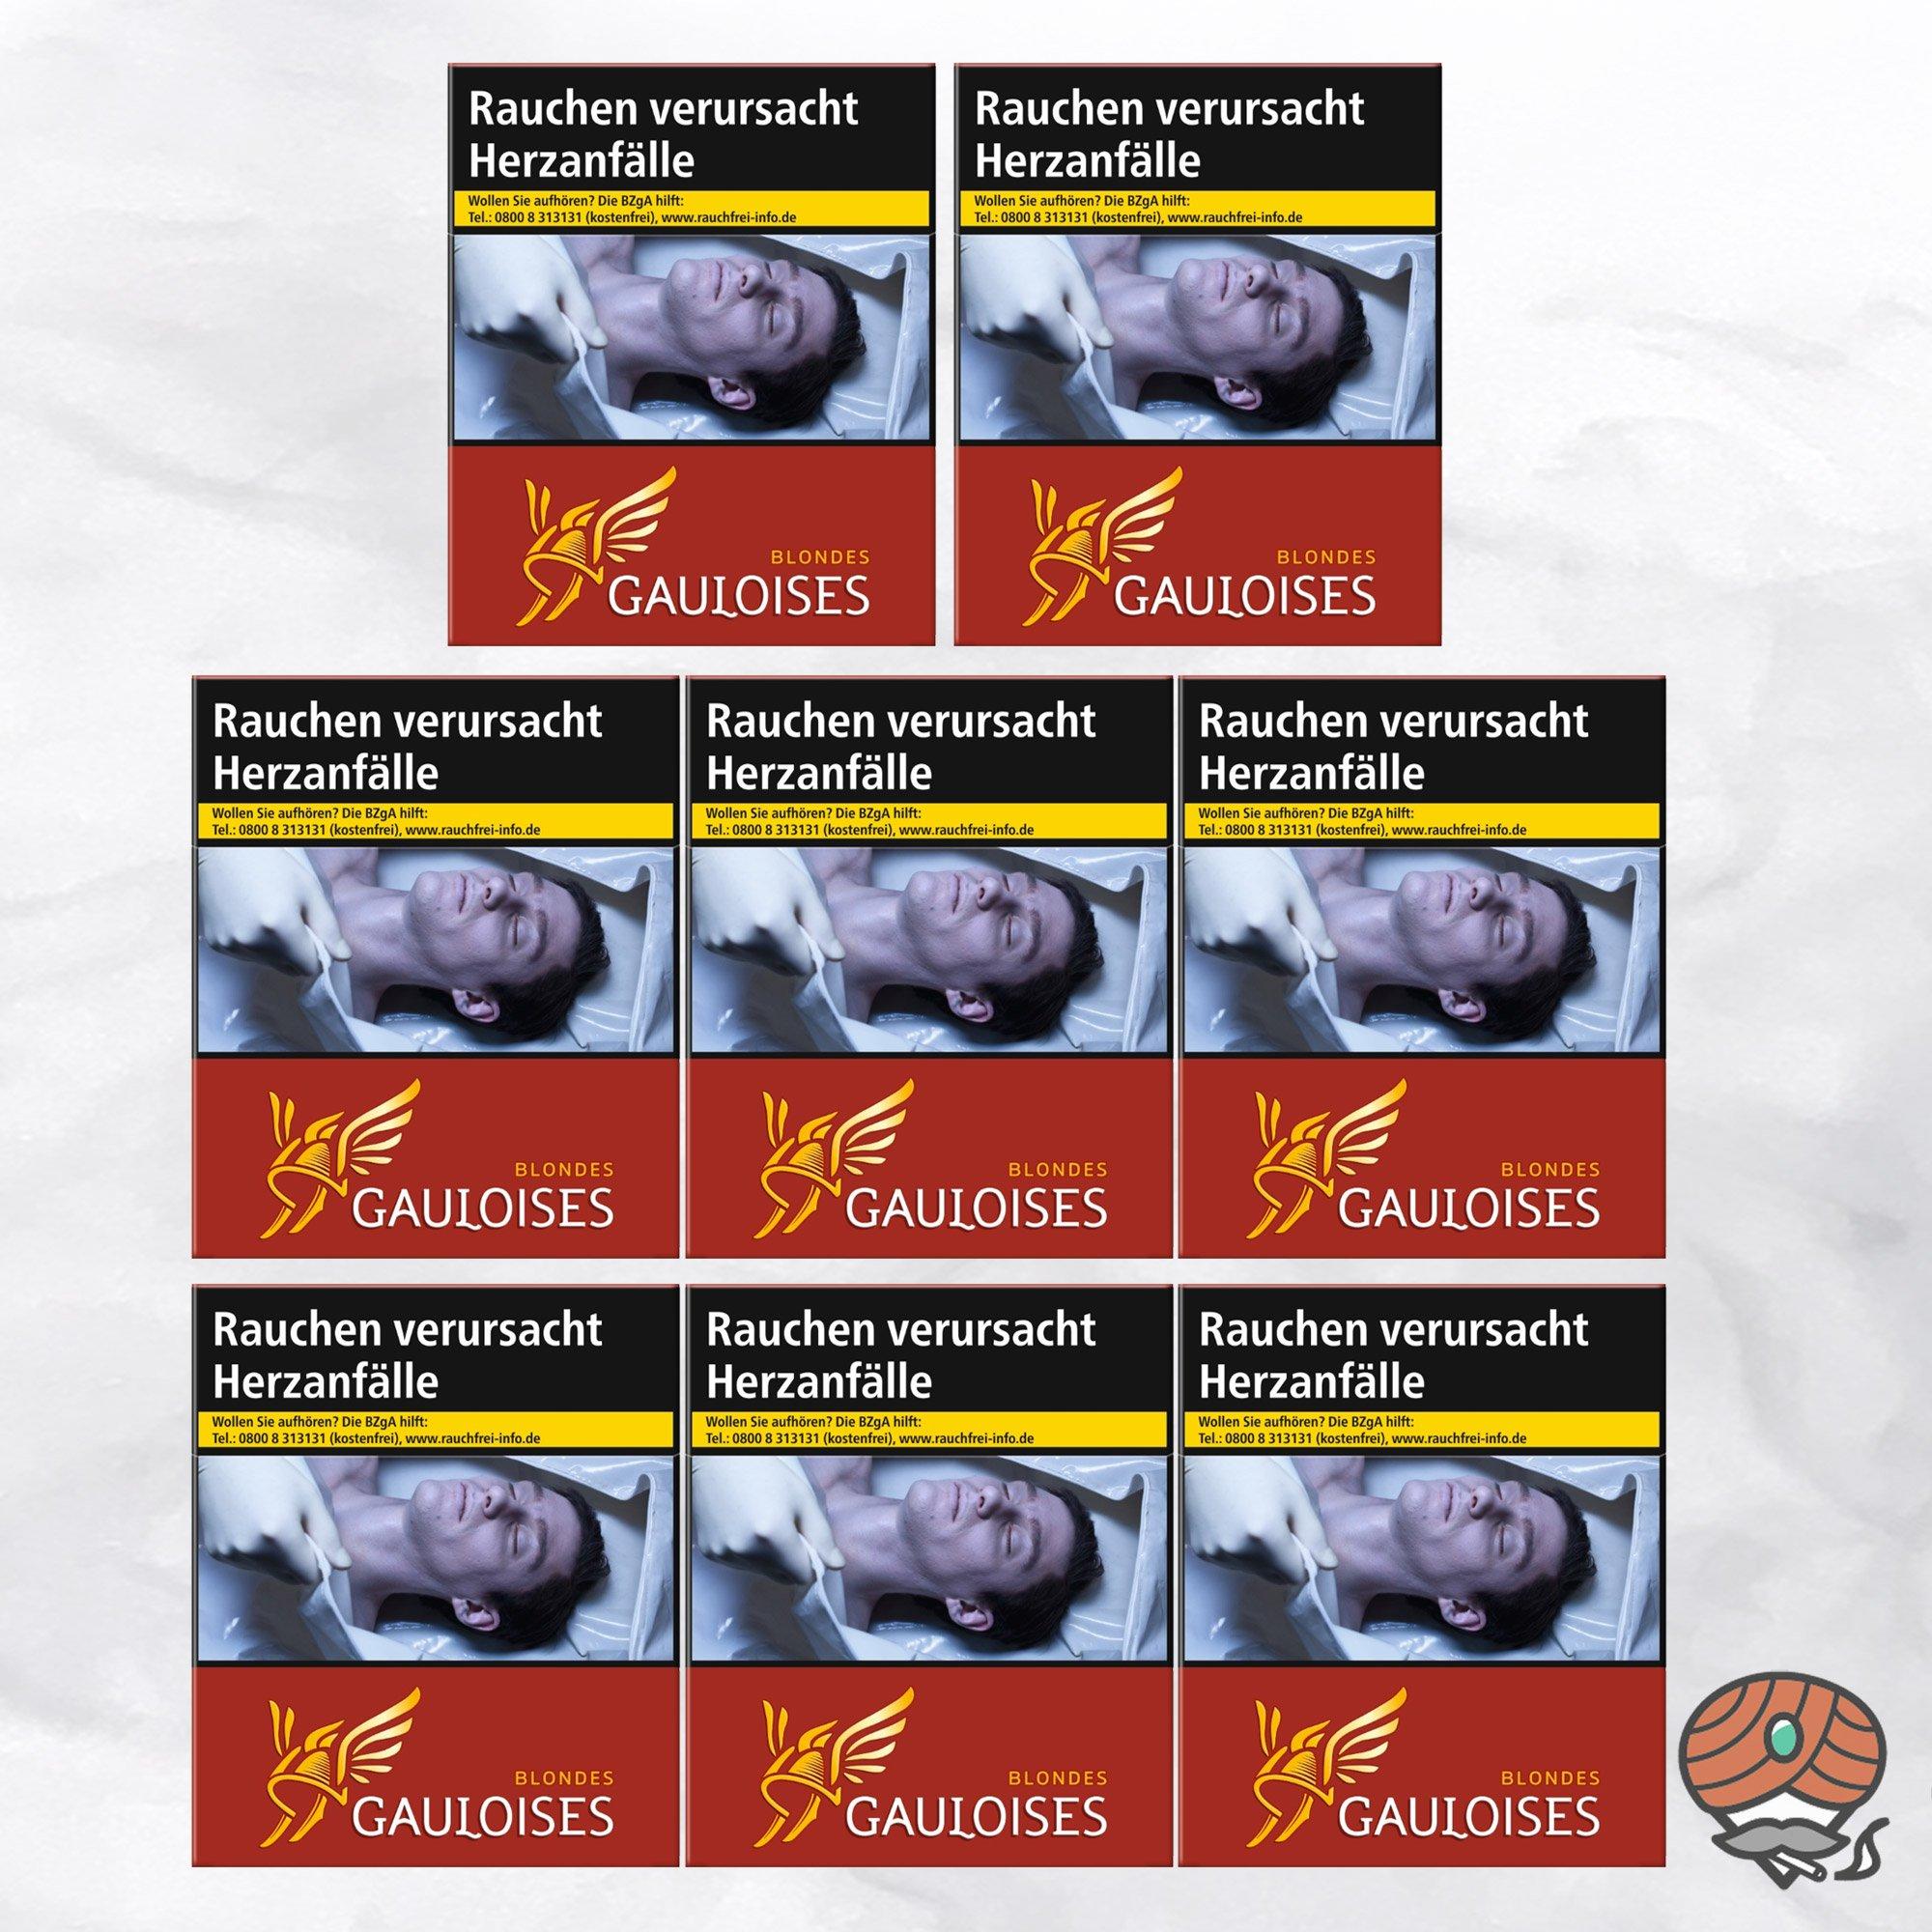 8 x Gauloises Blondes Rot XXXL Zigaretten à 31 Stück